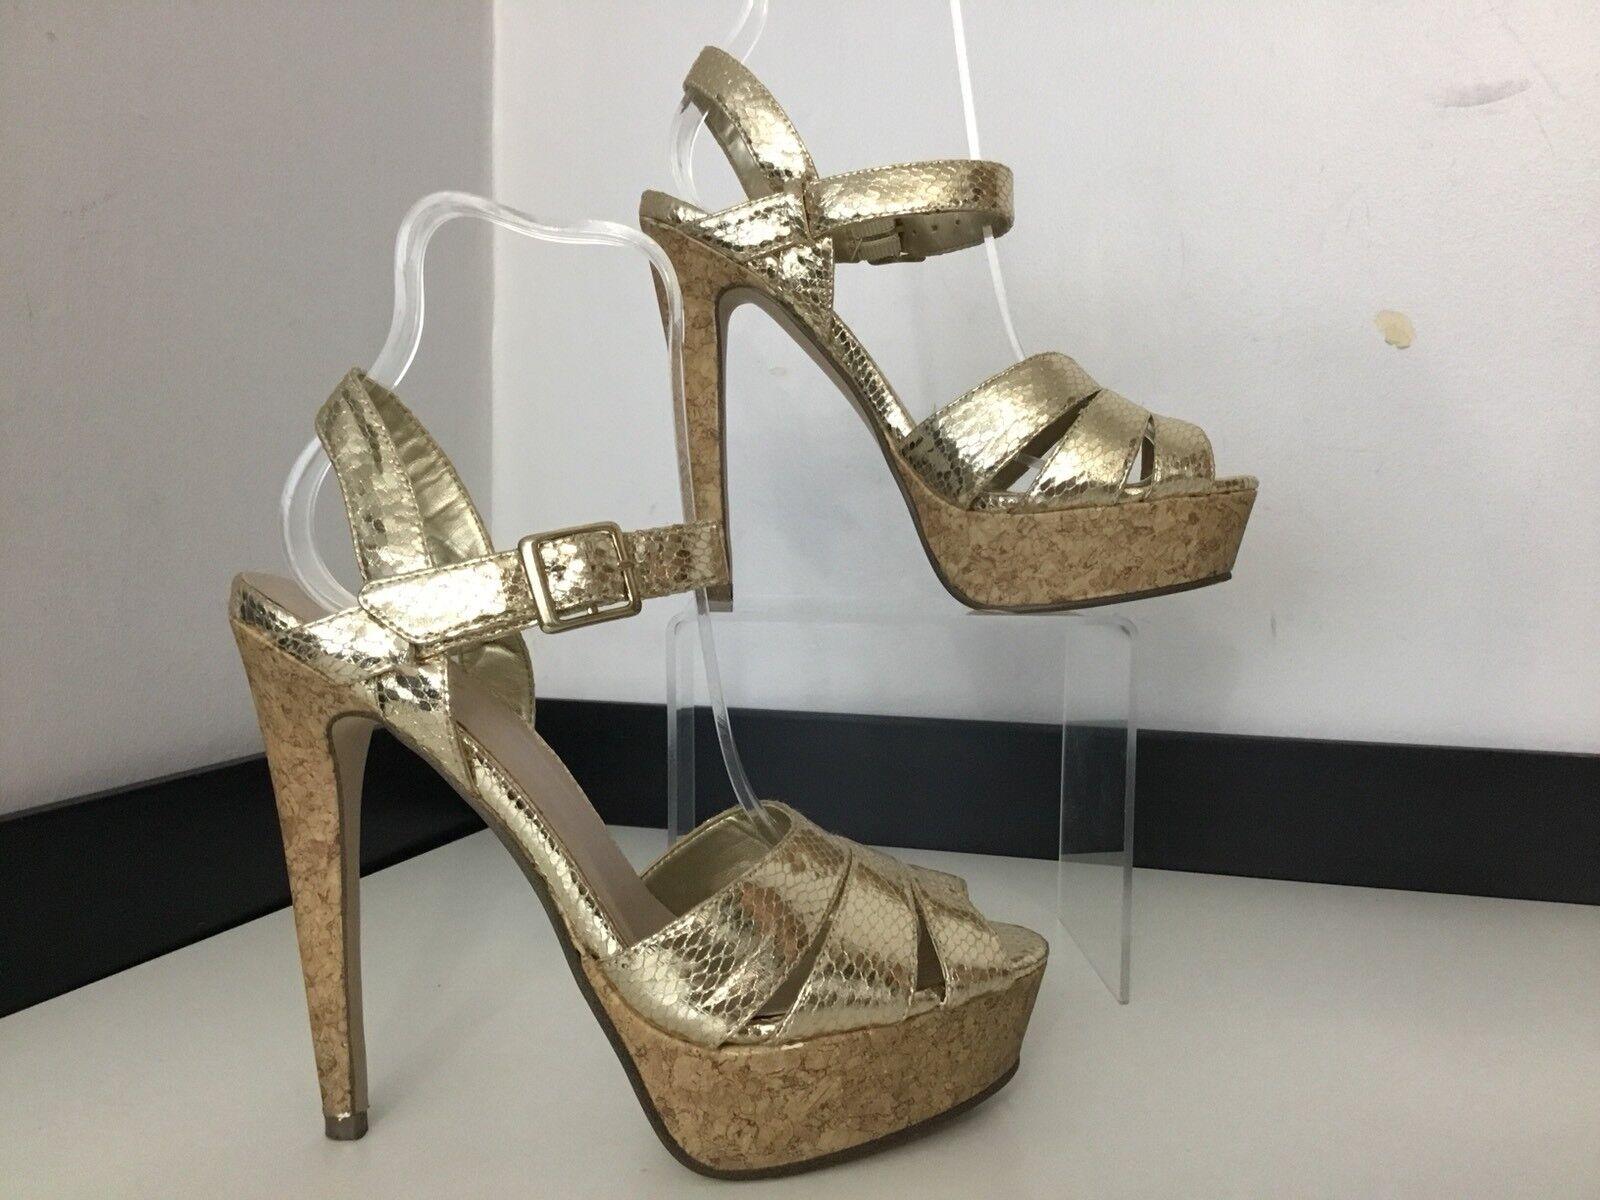 Miss Kg Kurt Geiger shoes  gold High Cork Heels Size Eu 38 VGC